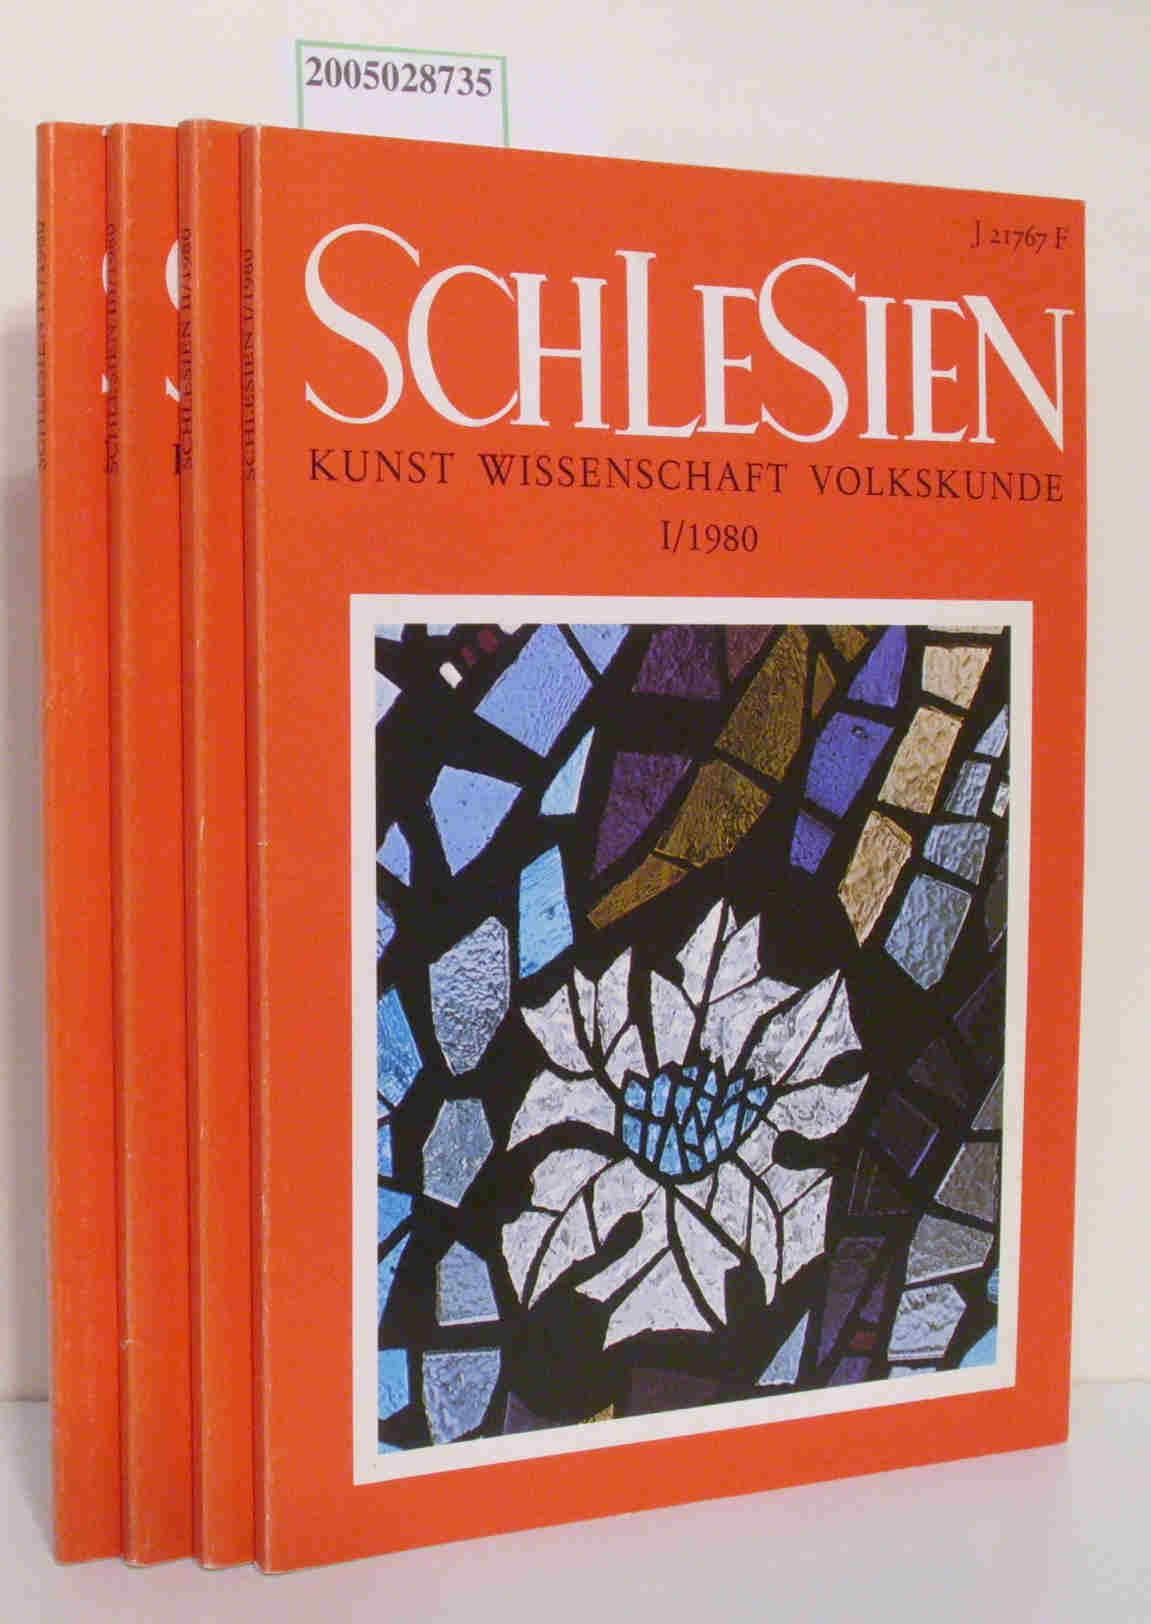 Schlesien Kunst Wissenschaft Volkskunde Heft I-IV kompletter Jahrgang